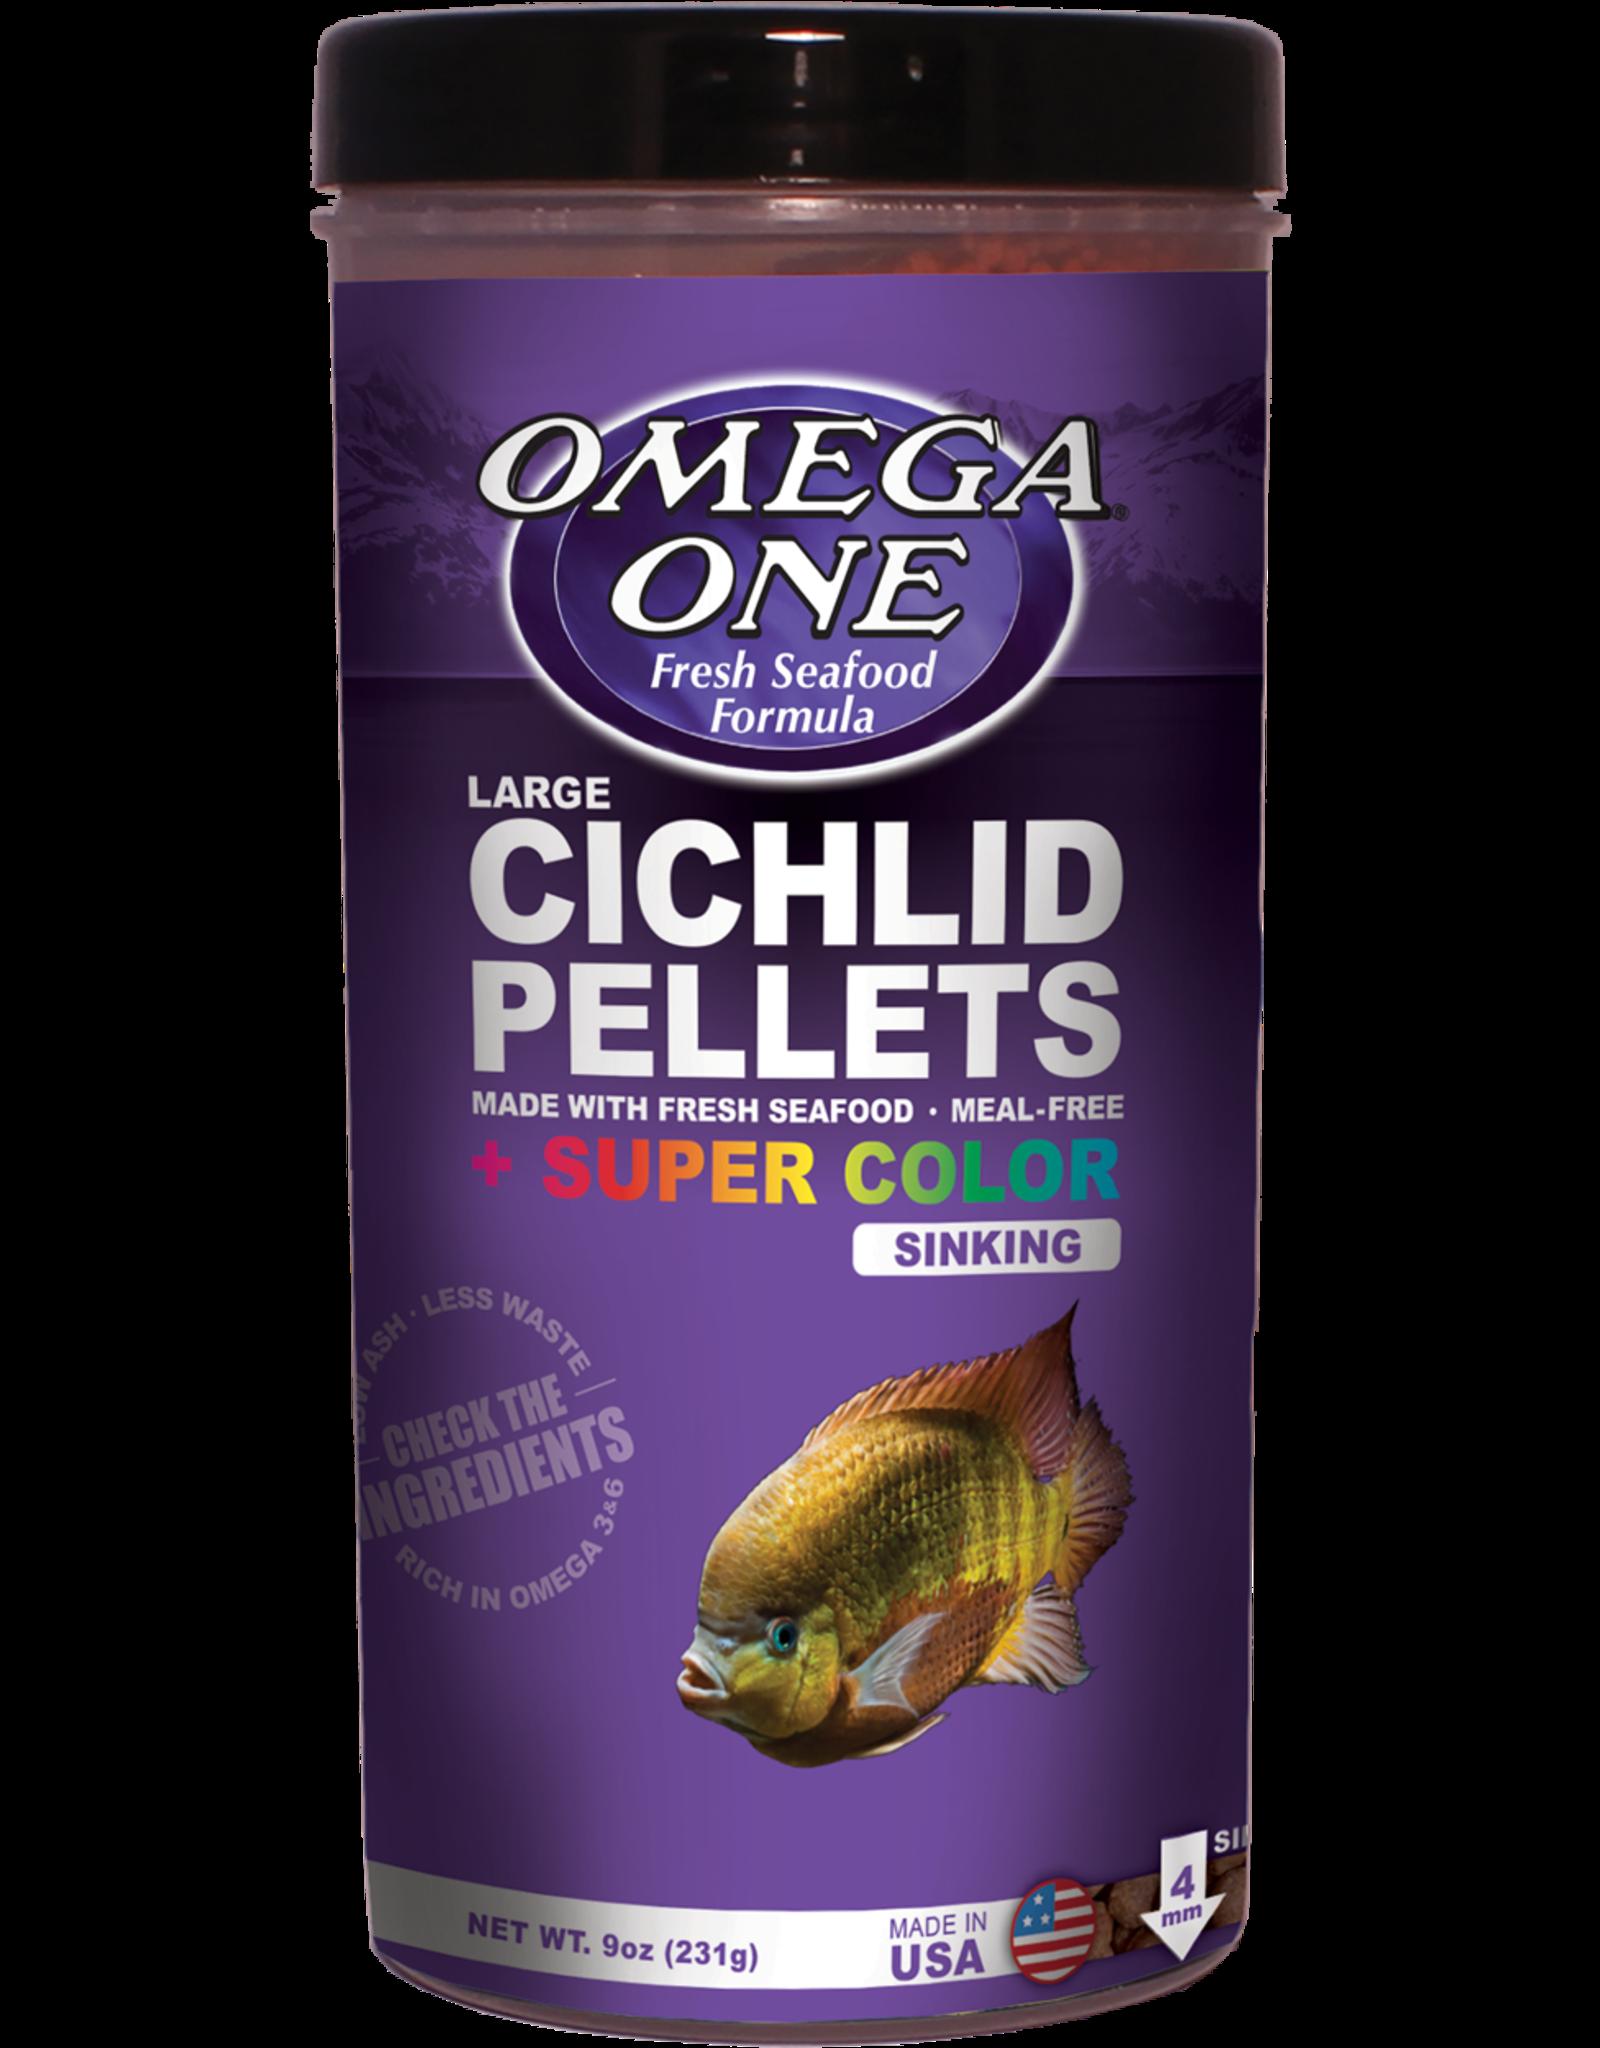 Omega One Food OMEGA ONE Large Cichlid Pellets Sinking 9oz